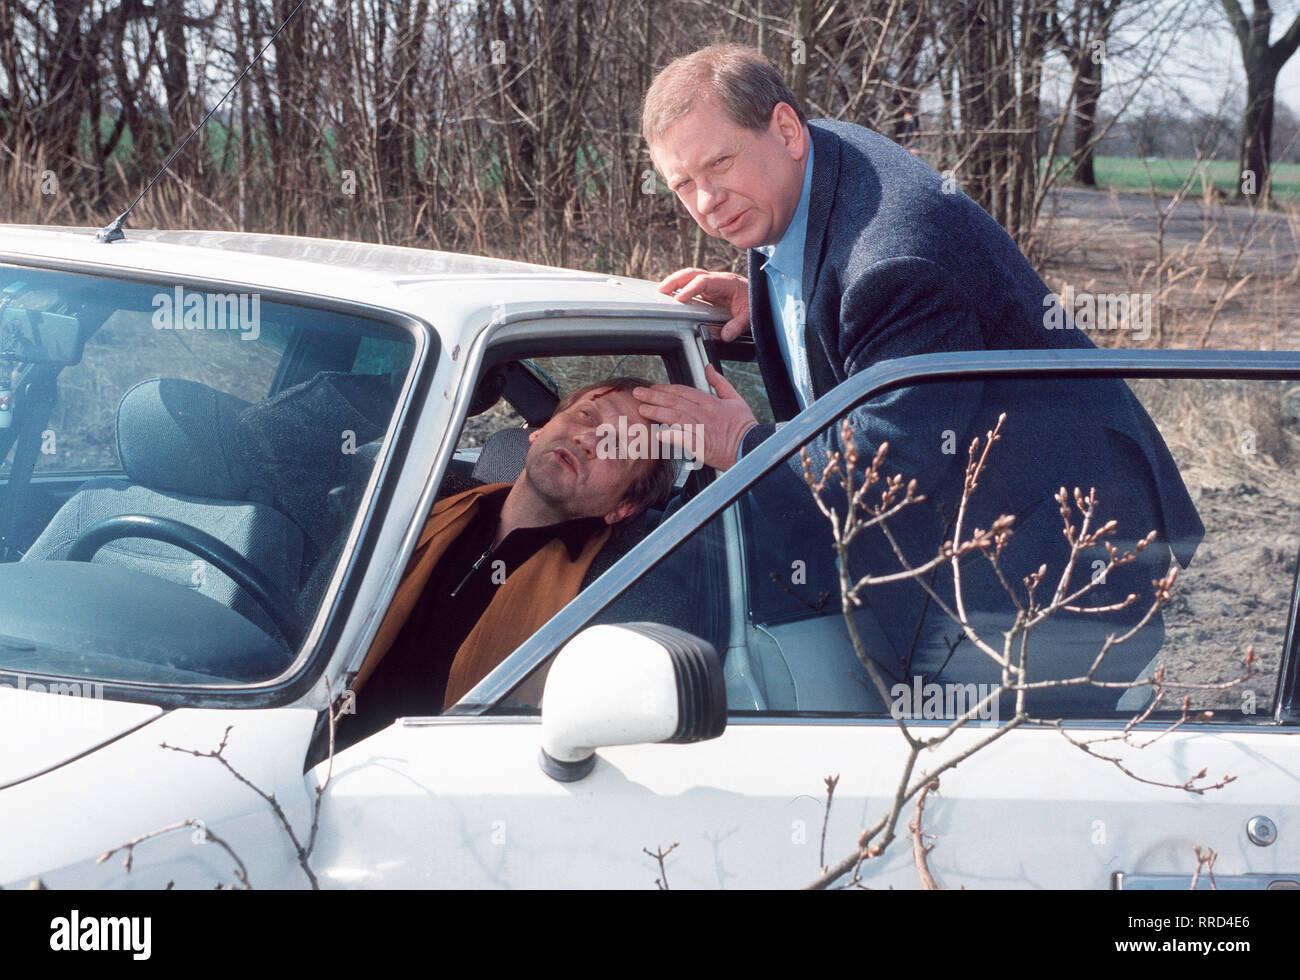 DR. SOMMERFELD - NEUES VOM BÜLOWBOGEN / Dr. Sommerfeld (RAINER HUNOLD, l.) wird Zeuge eines Autounfalls. Der Grafiker Arthur Kneisel (KARL KRANZKOWSKI) ist, abgelenkt durch ein geschäftliches Telefonat und eine Gruppe Motorradfahrer, gegen einen Baum gefahren. Der Fahrer entpuppt sich als Bruder von Renate Stotzke, eine von Sommerfelds Patientinnen. / VORRAT  / , DFAsommer / Überschrift: DR. SOMMERFELD - NEUES VOM BÜLOWBOGEN / D 2000 Stock Photo